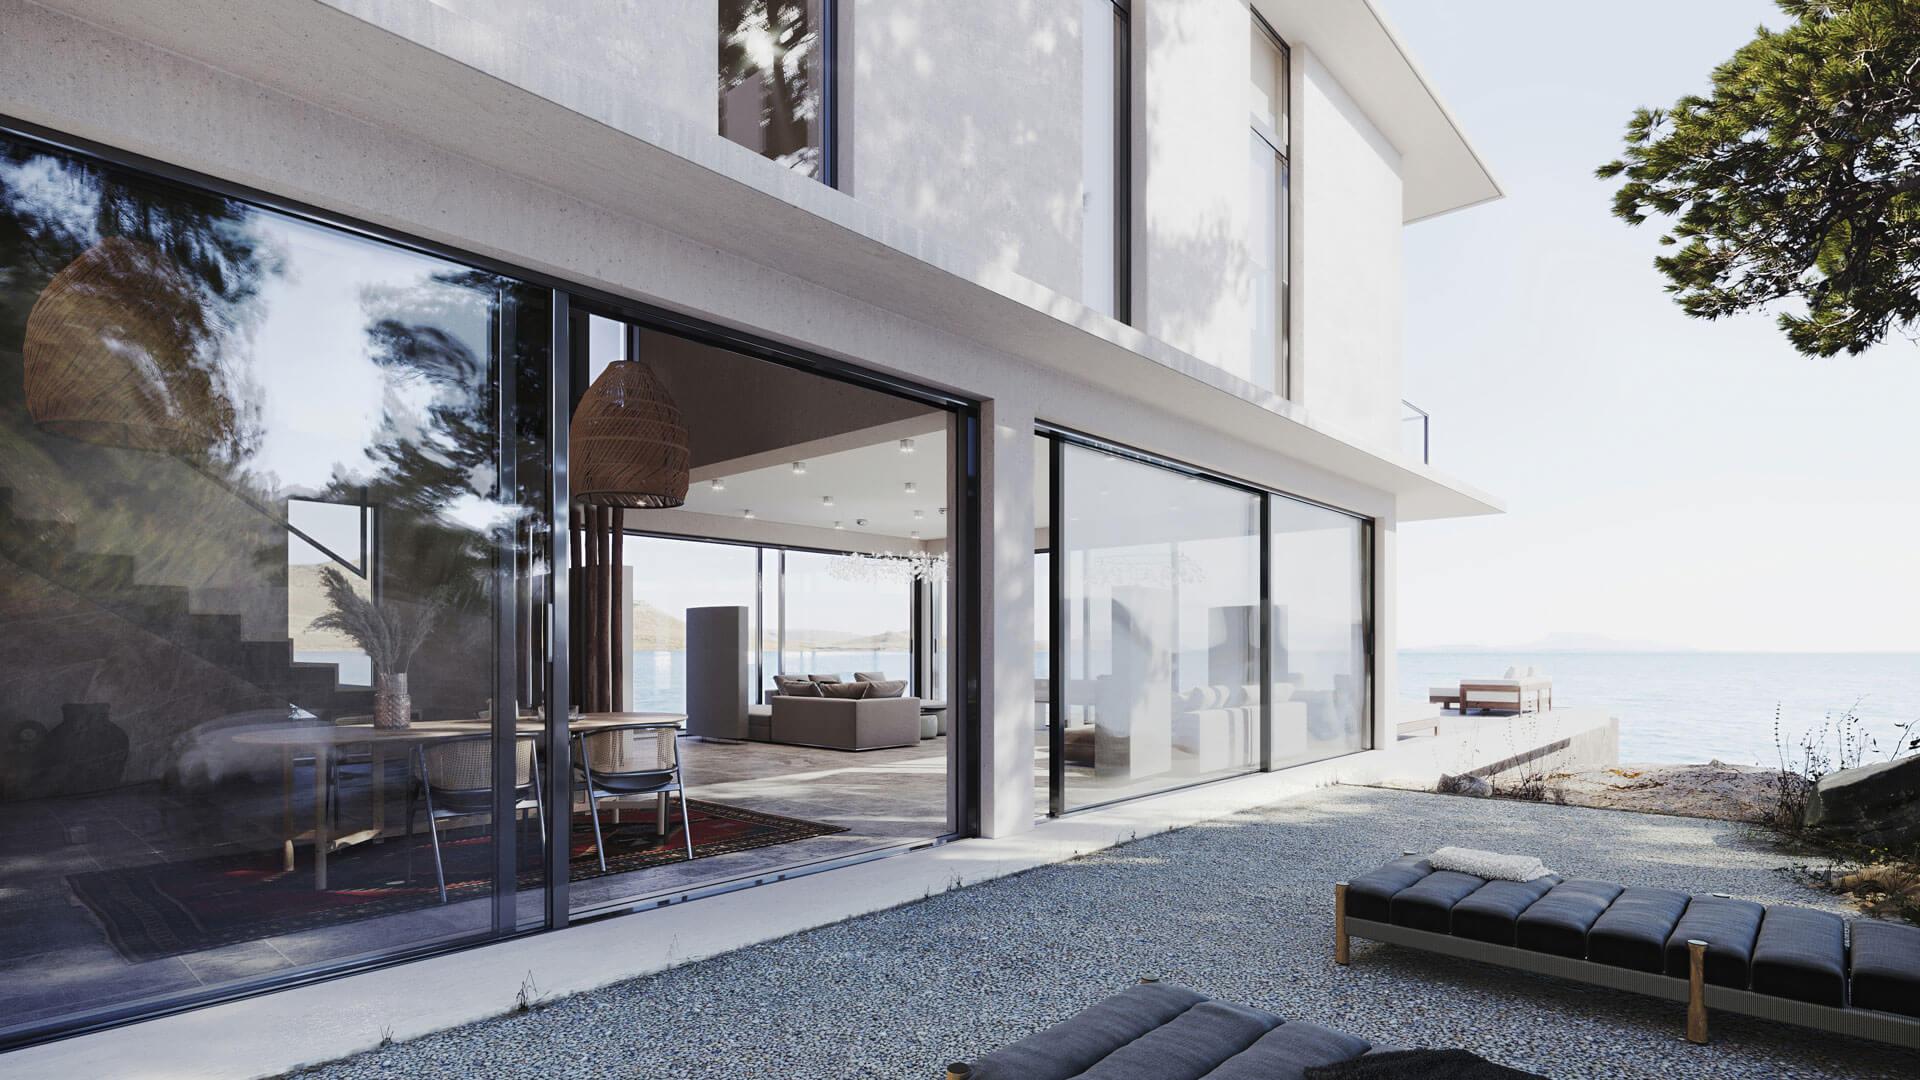 3D Visualization Of a Coastal Villa